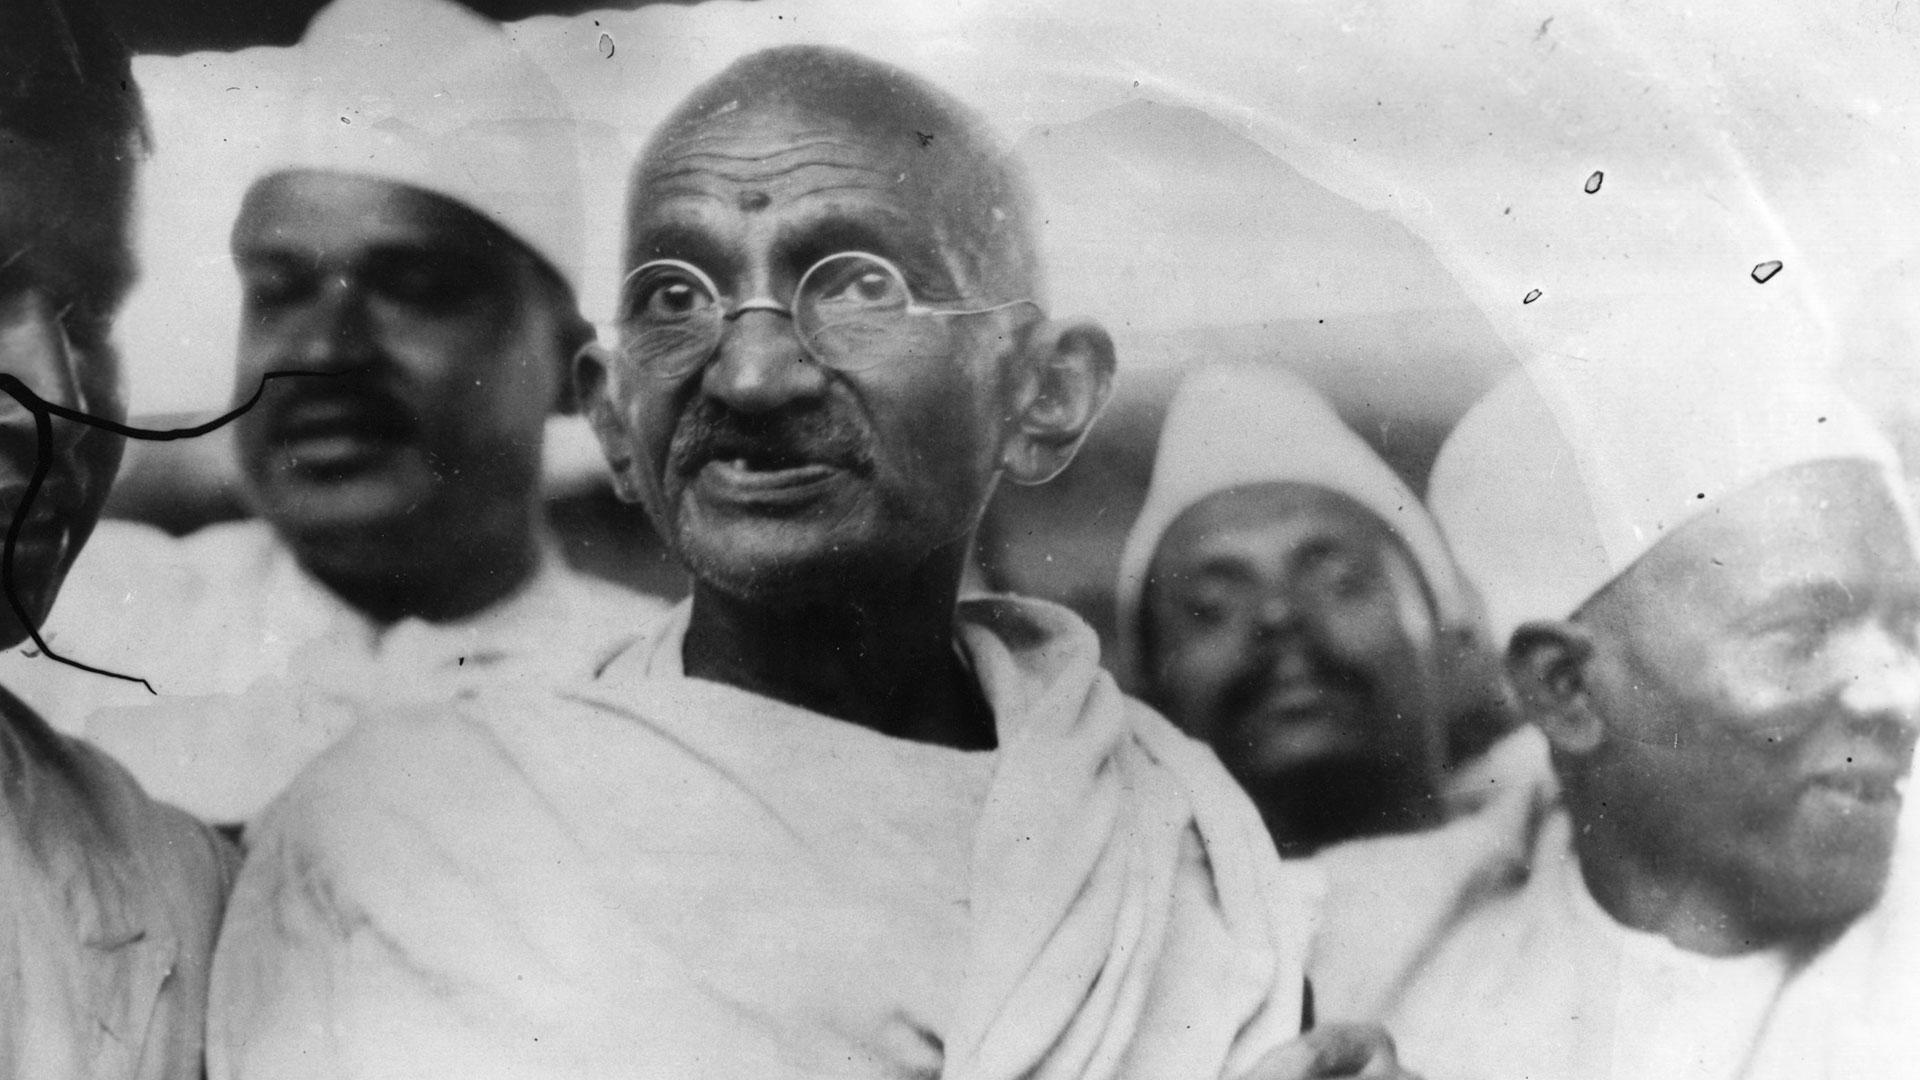 Su asesinato en 1948 sigue generando dudas (Getty Images)